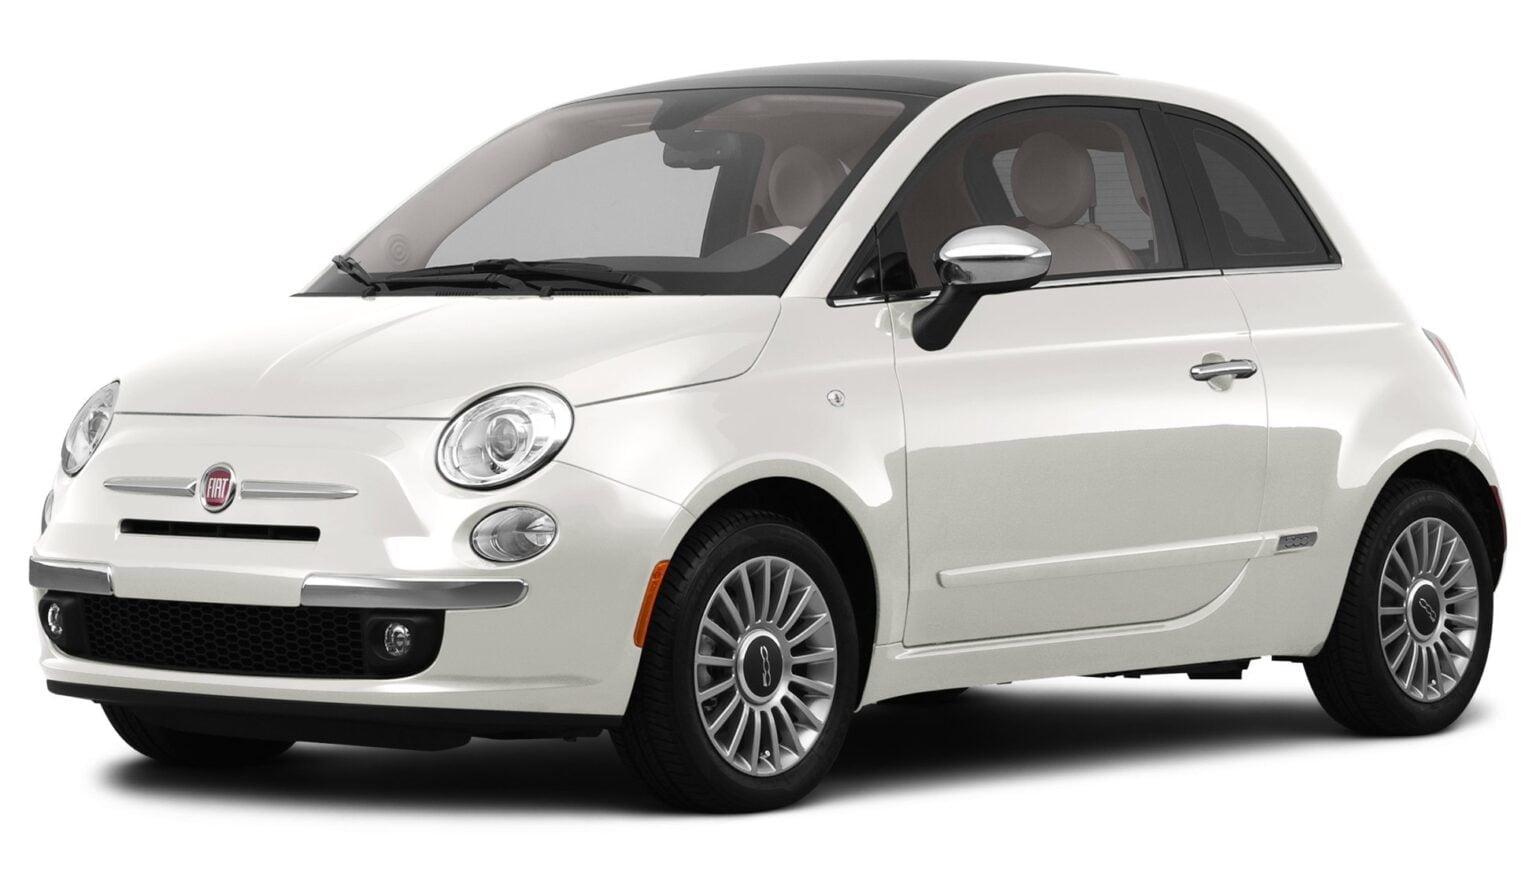 Catalogo De Partes Fiat 500 2012 Autopartes Y Refacciones